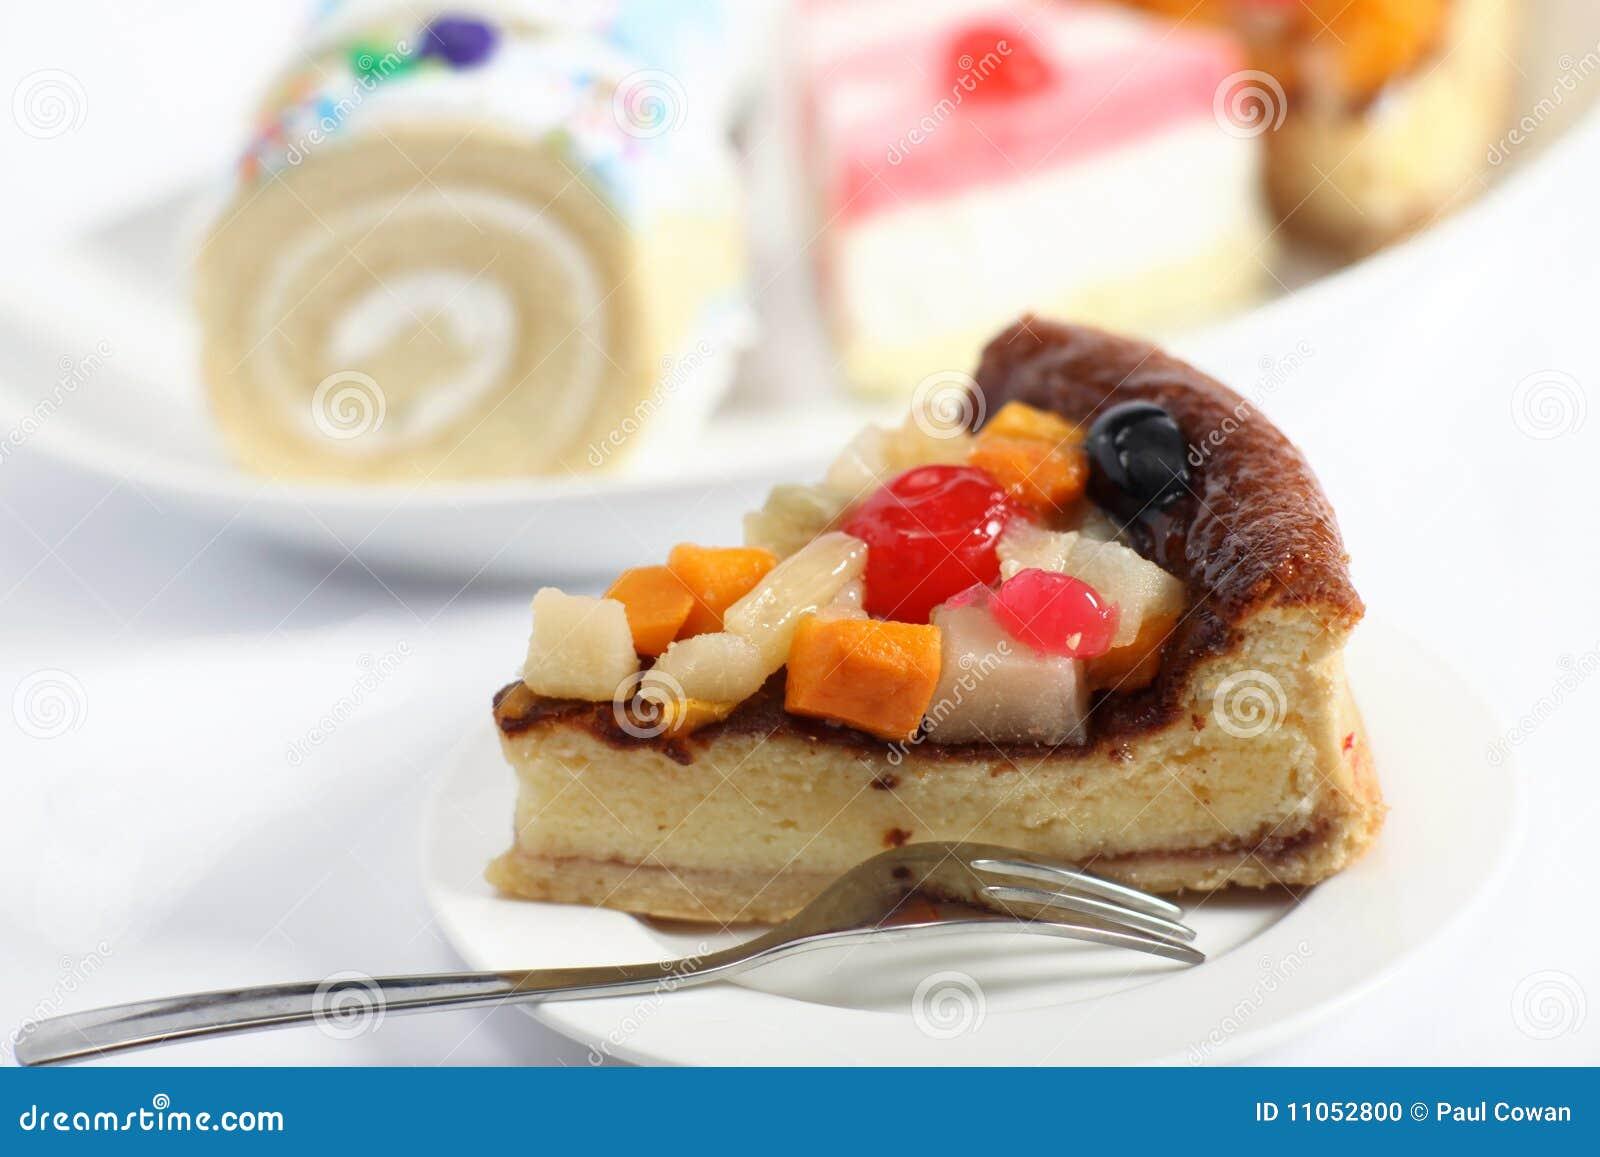 how to make fruit sponge cake